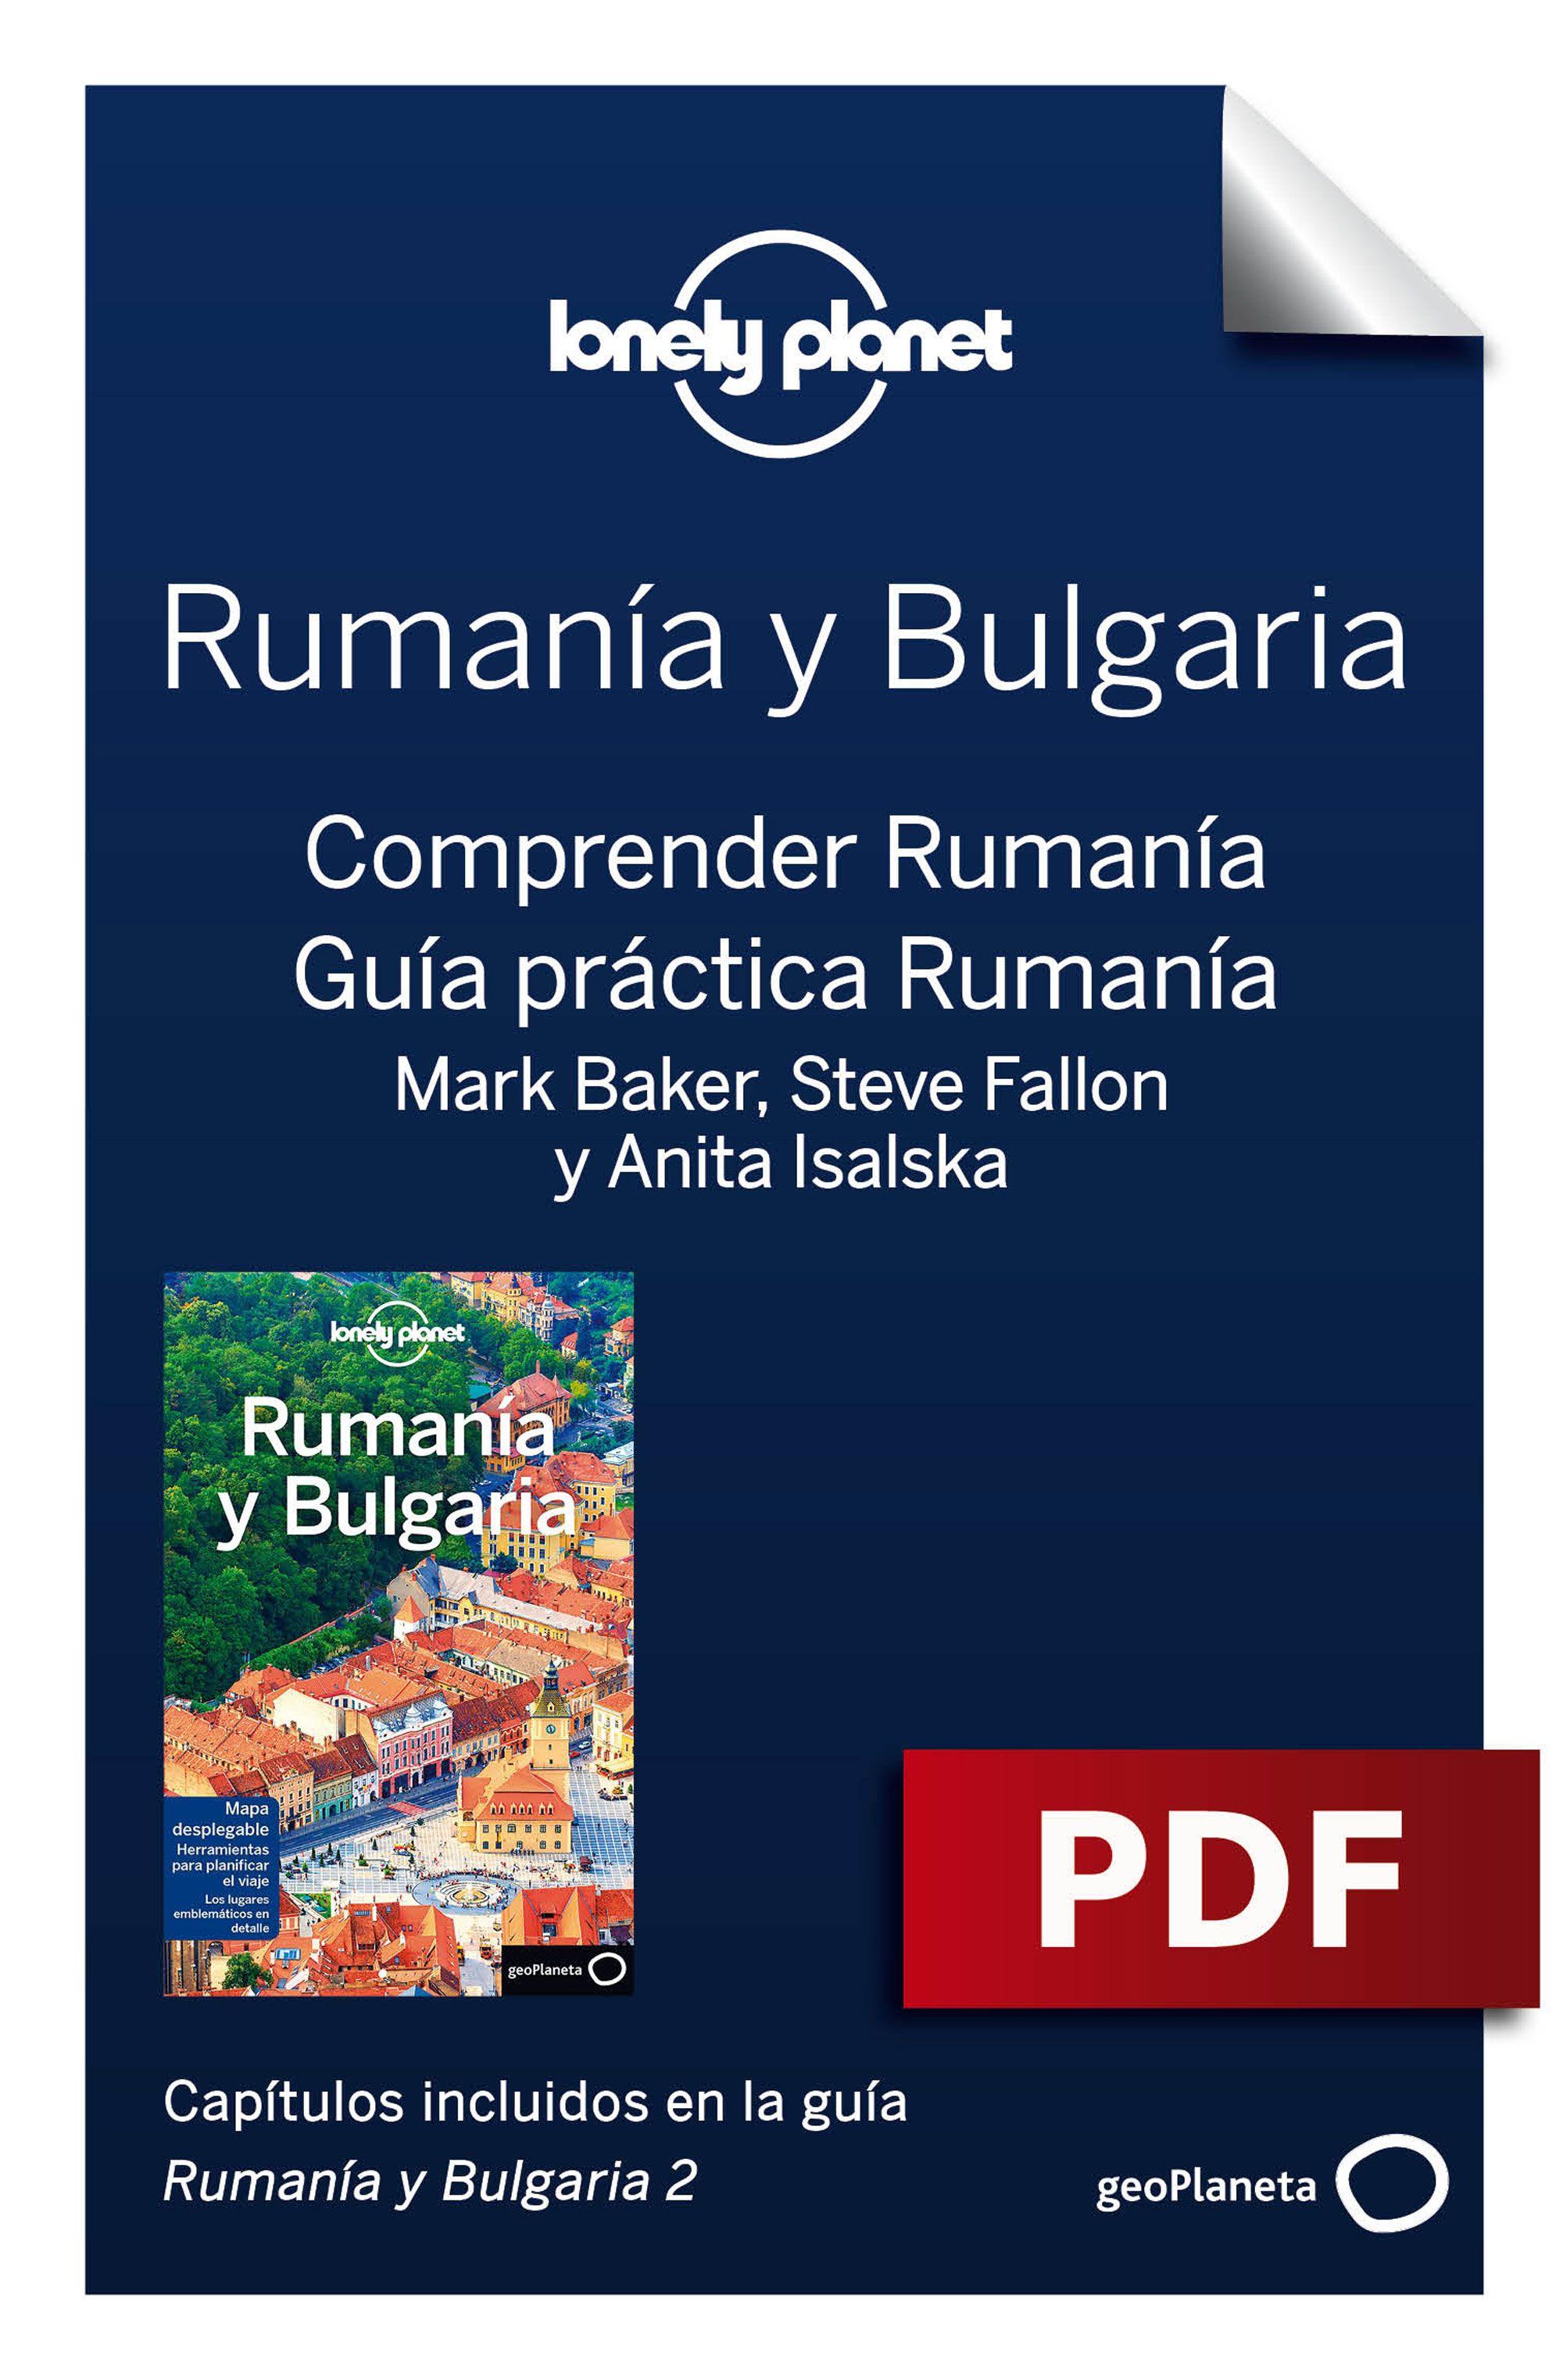 Comprender y Guía práctica Rumanía